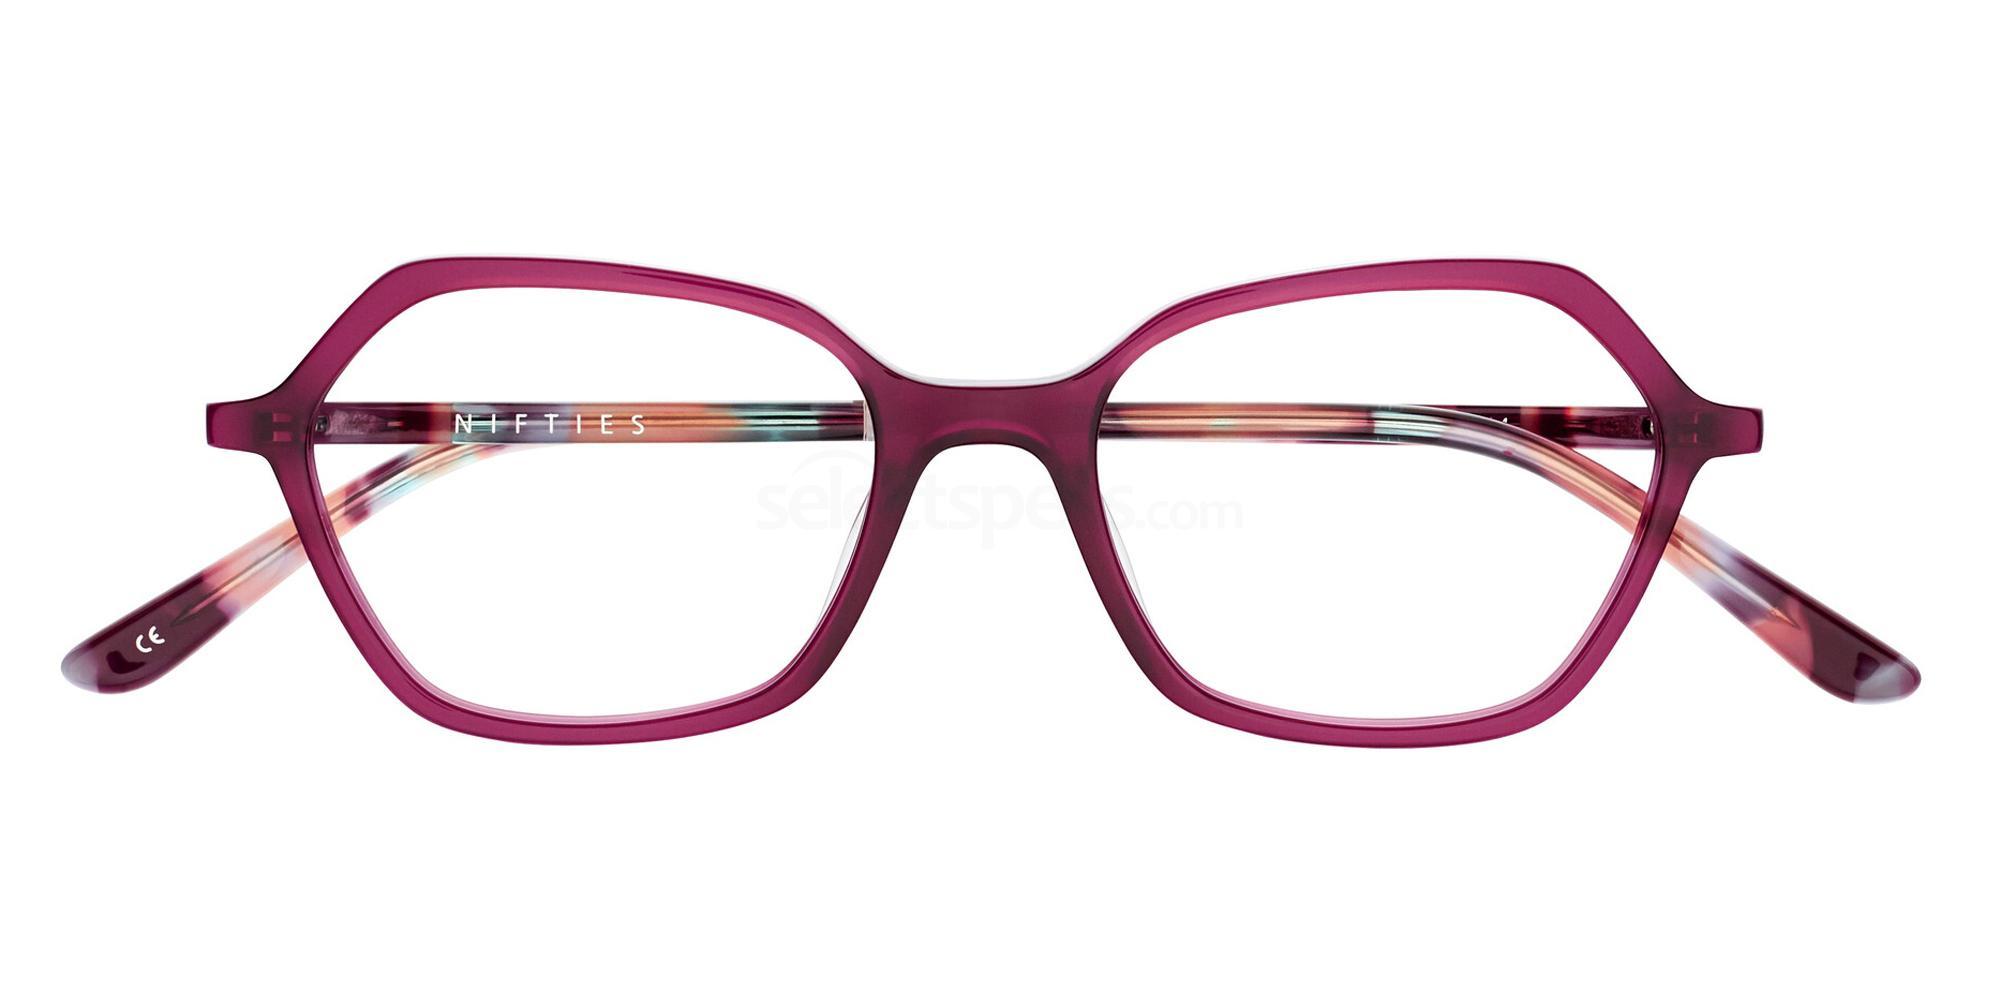 3825 NI9428 Glasses, Nifties